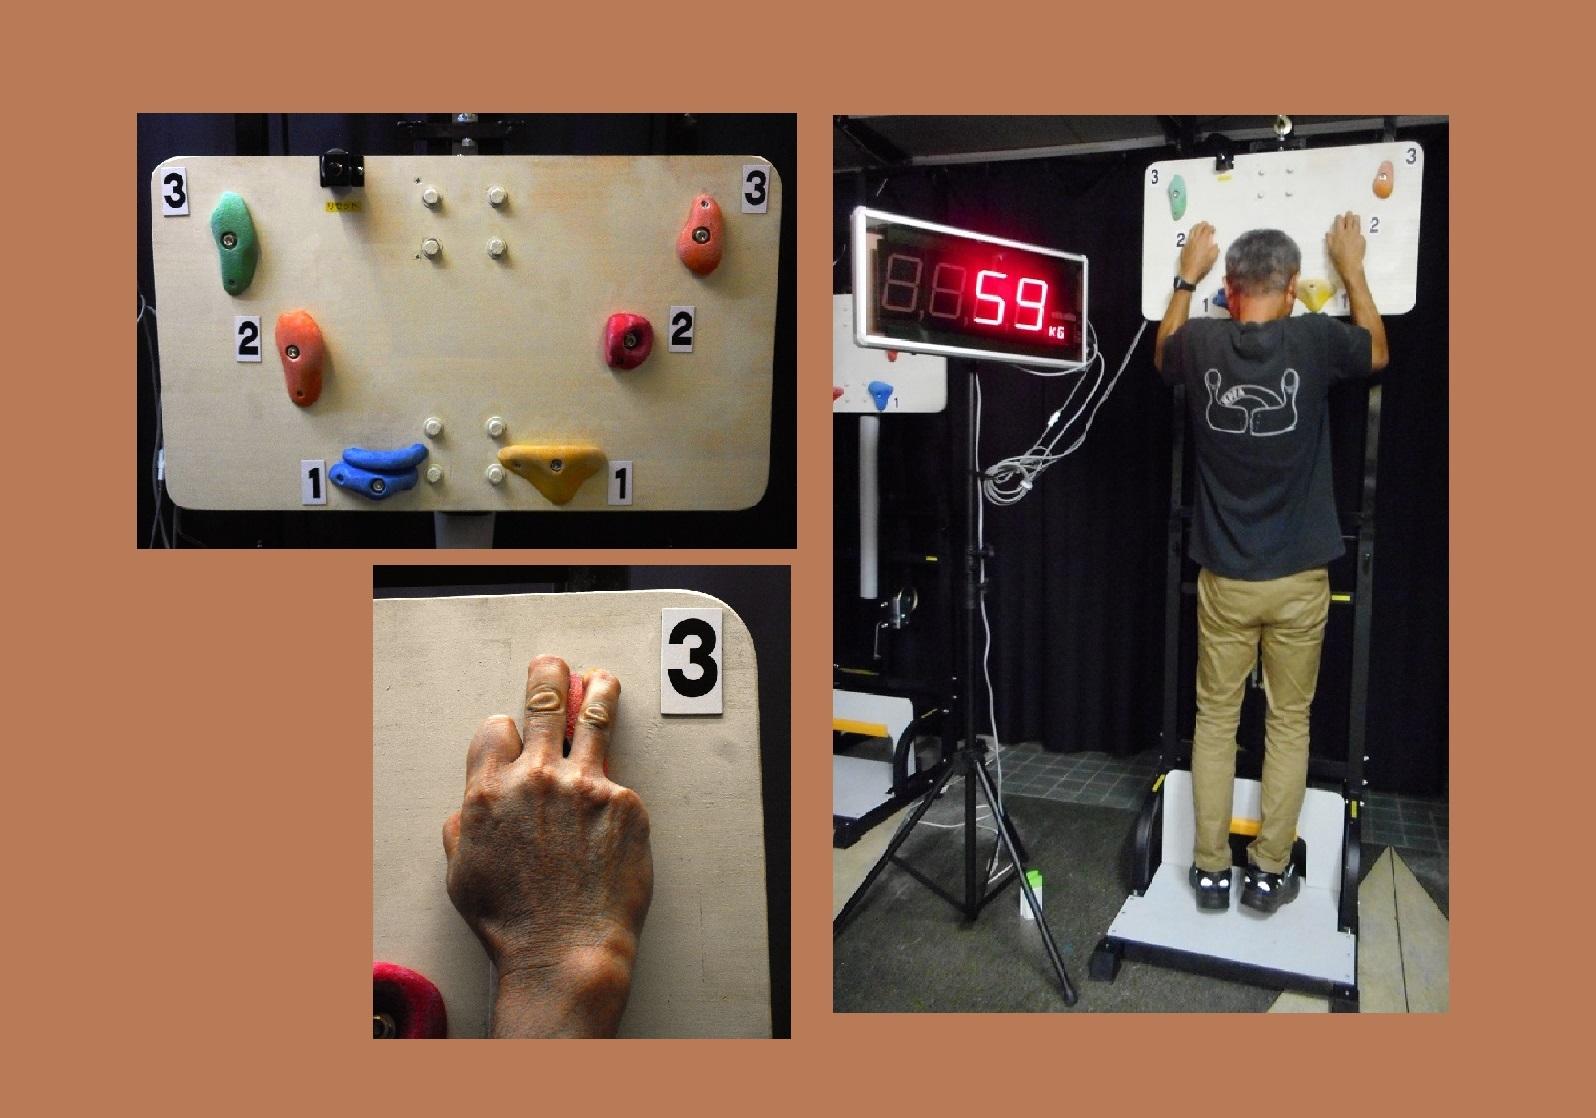 落下する心配が無く、安全にボルダリングを体感できるアトラクションです。ボルダリングに必要なフィンガーパワー(指の保持力)を測定し、大型表示器に表示されます。